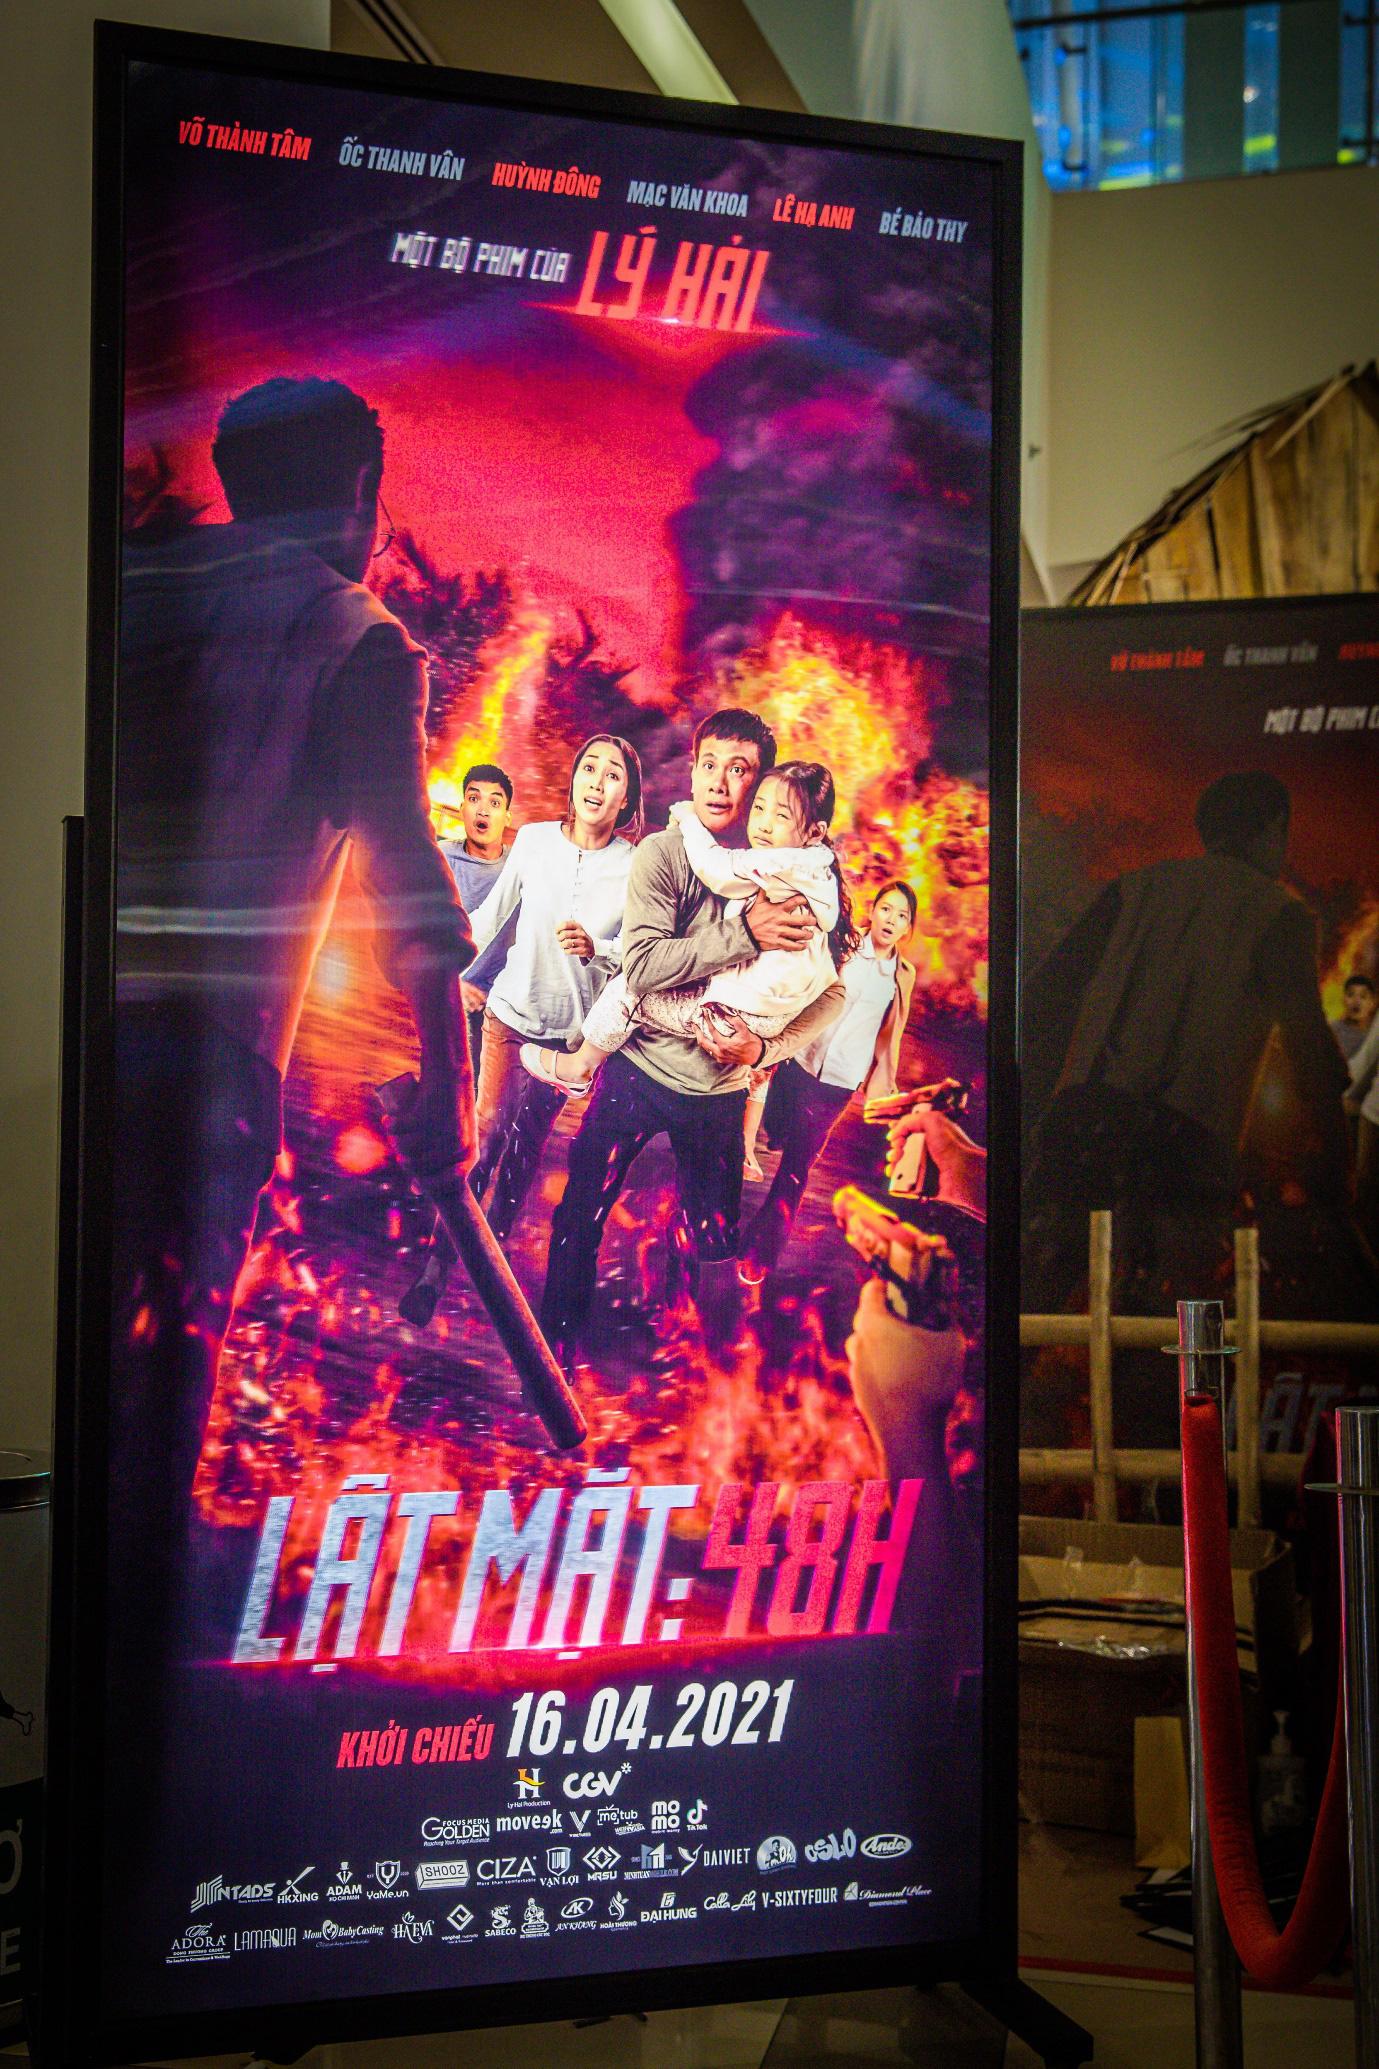 """Lý Hải: """"Lật mặt lần đầu tiên áp dụng poster tranh 3D tại Việt Nam"""" - Ảnh 1."""